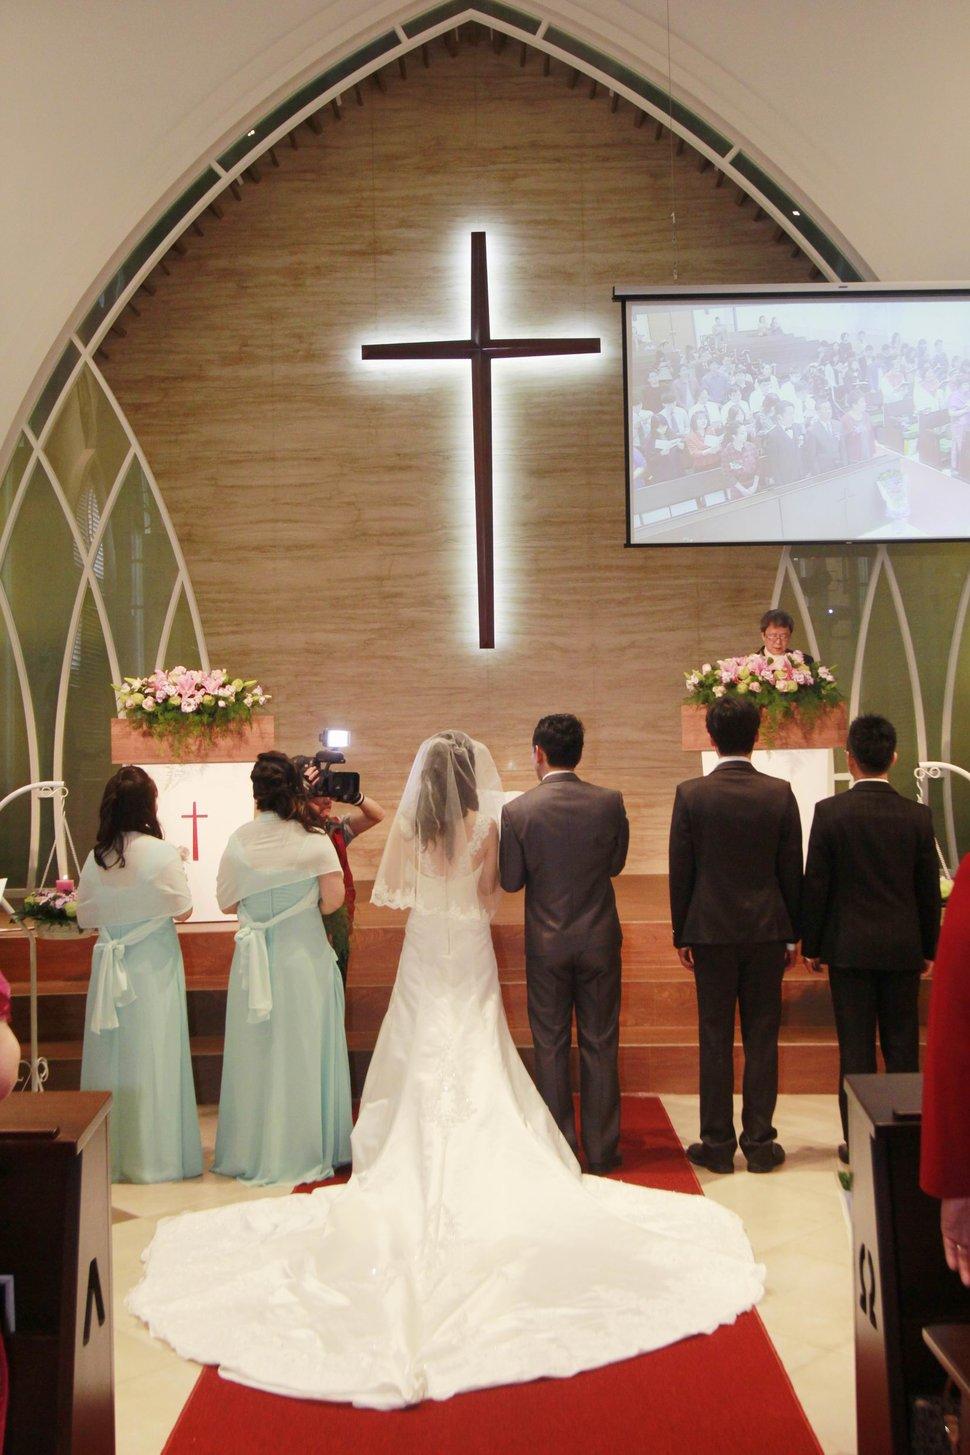 婚禮記錄汐止那米哥餐廳婚宴會館餐廳婚攝j婚錄結婚迎娶婚禮記錄動態微電影錄影專業錄影平面攝影婚禮紀錄婚攝婚錄主持人(編號:305623) - 蜜月拍照10800錄影12800攝影團隊 - 結婚吧